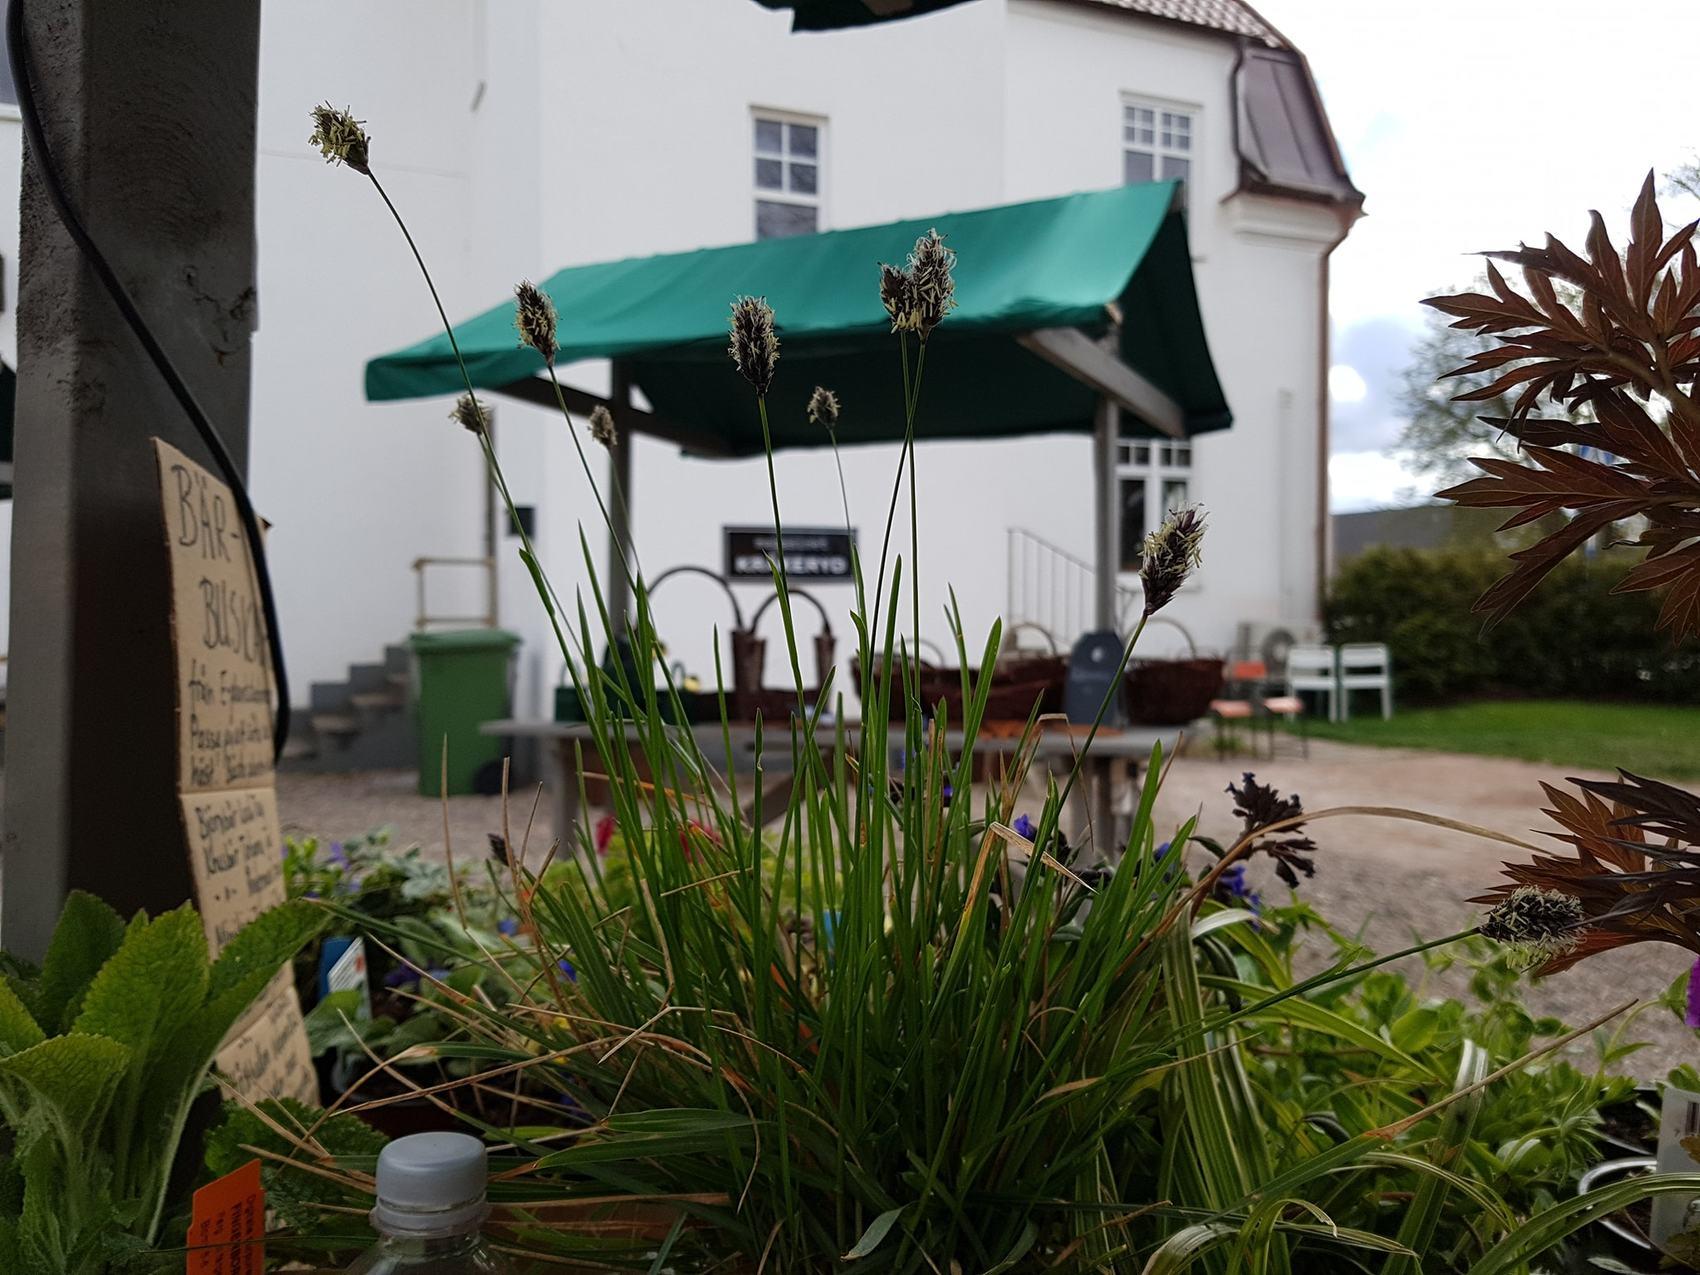 olika gröna växter framför ett litet marknadsstånd som står placerat utanför ett vitt hus